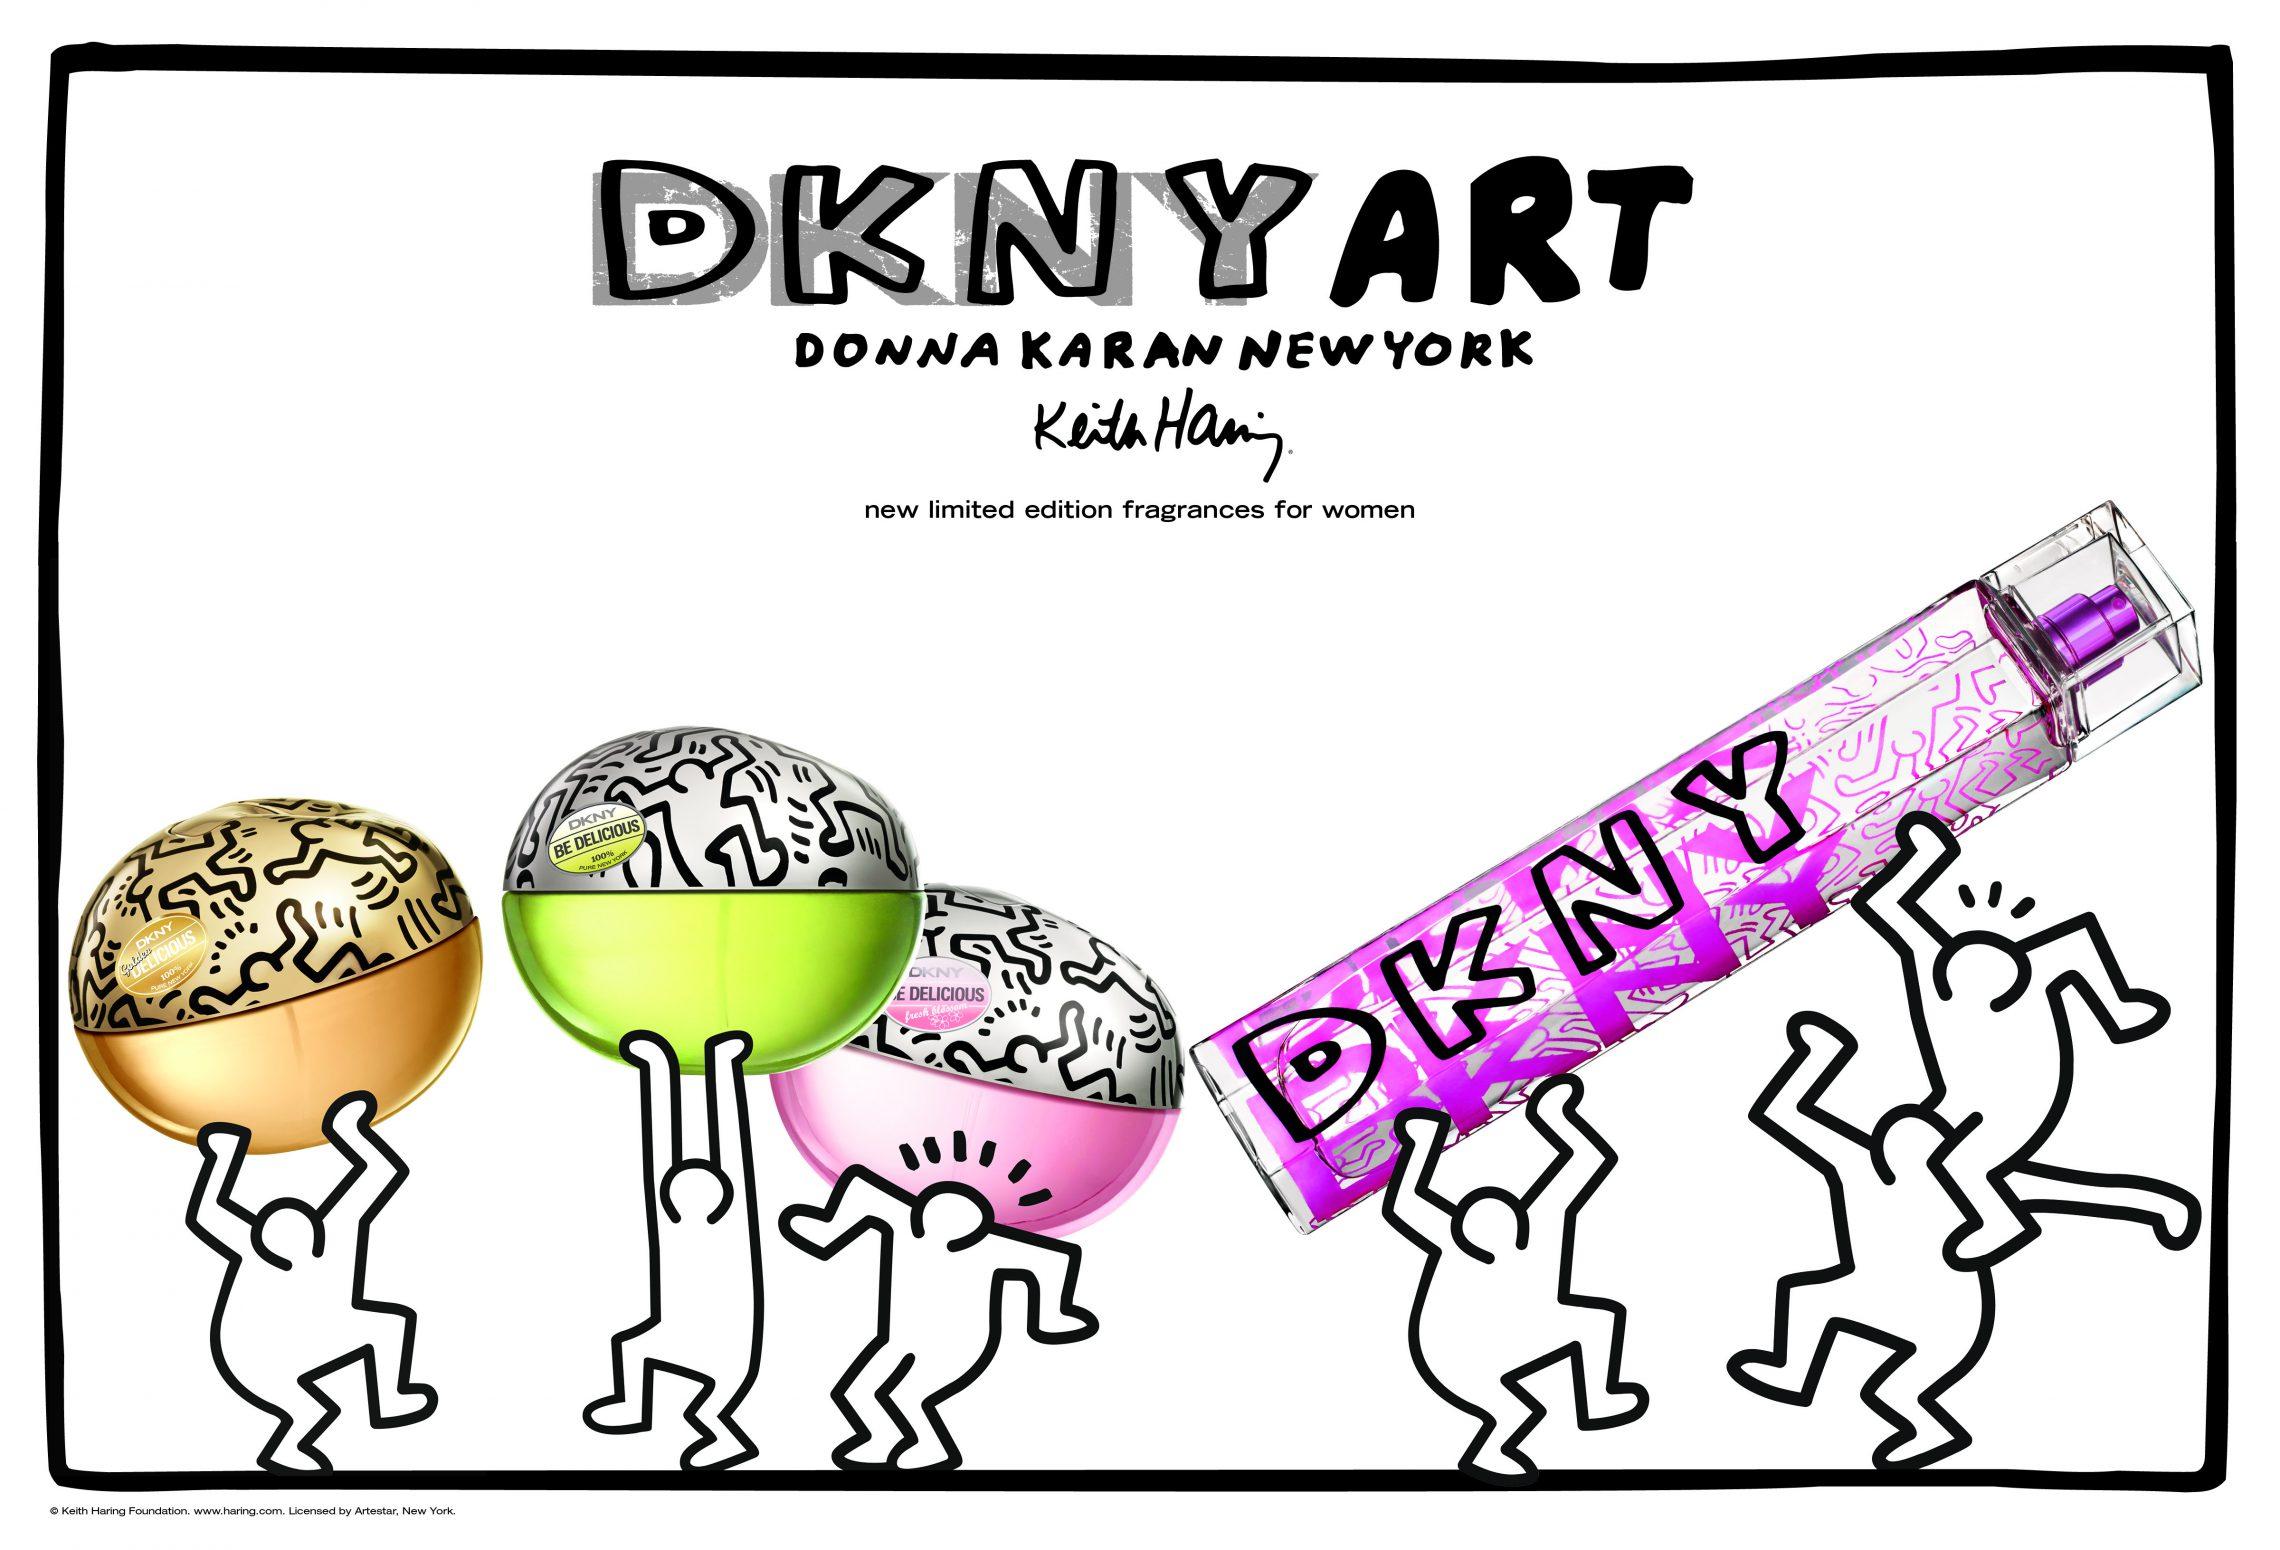 DKNY Art prezentuje ekskluzywny zapach Keith Haring